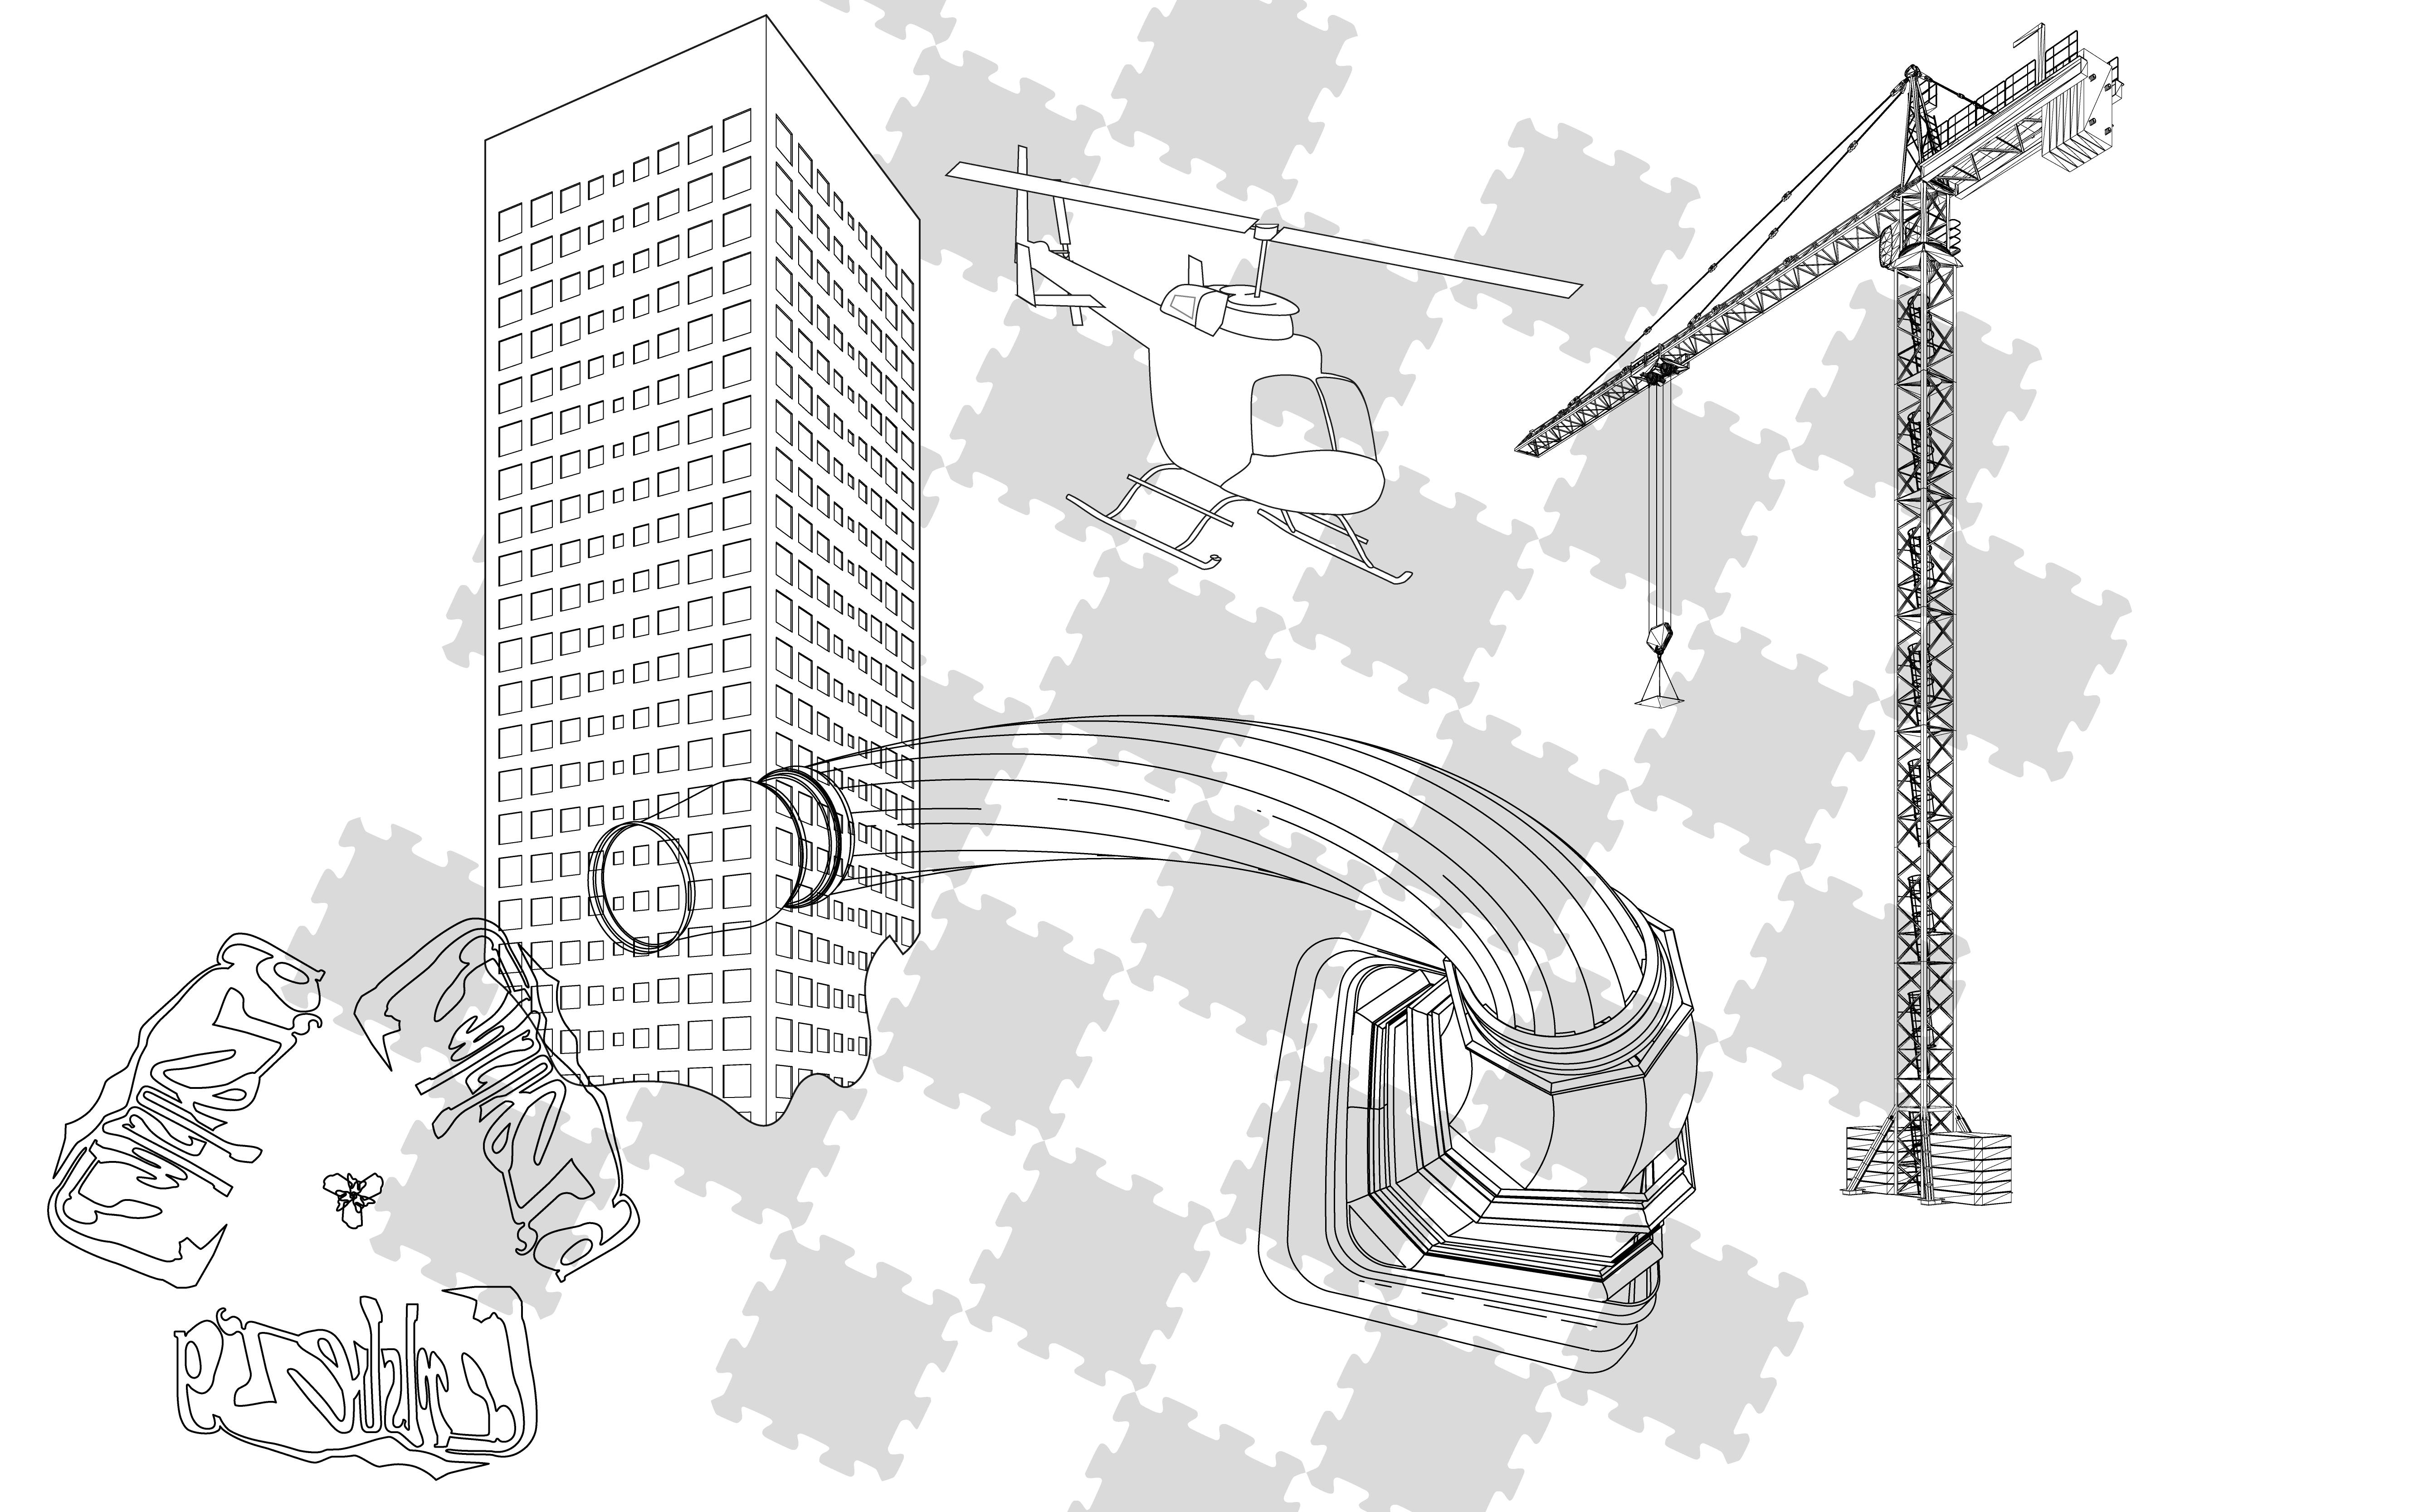 Billedet viser flere af Carlsbergs ikoniske elementer på en børne skum-pusslespilsplade